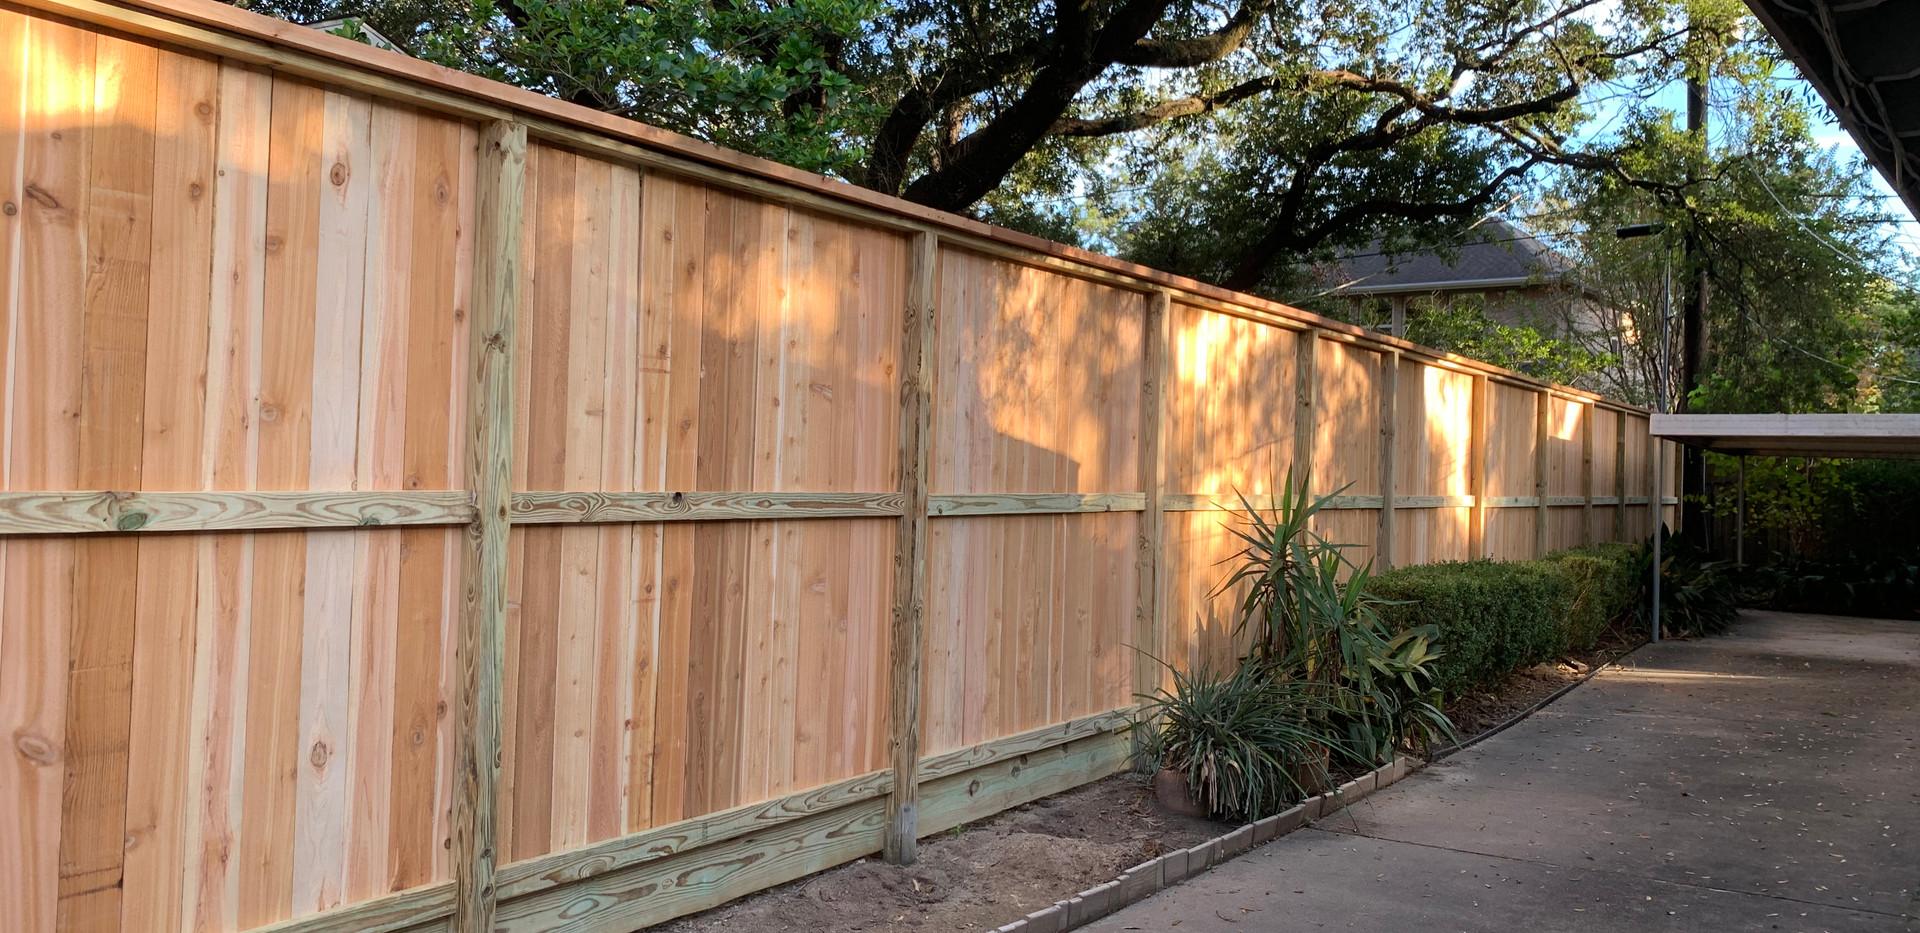 8 ft Cedar Fence with cedar top cap